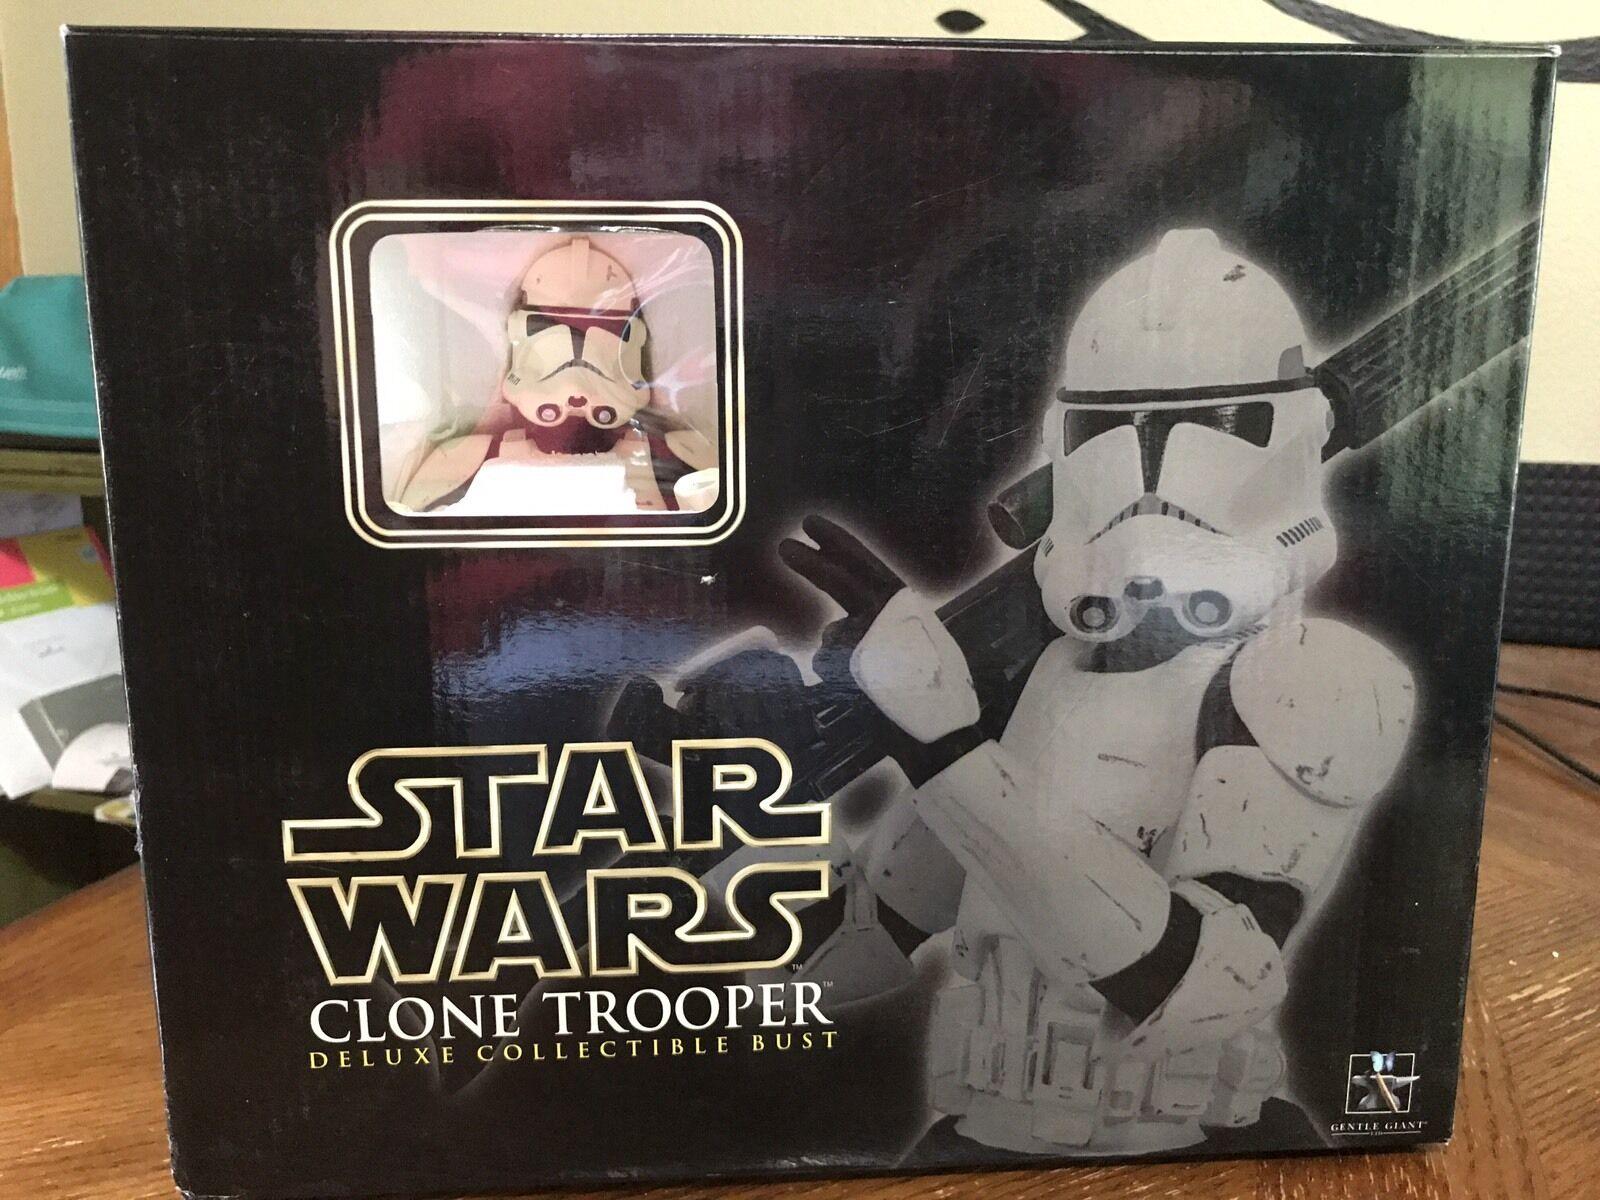 Gentle GIANT Star Wars Clone Trooper Deluxe Coleccionable Busto 08521 15000